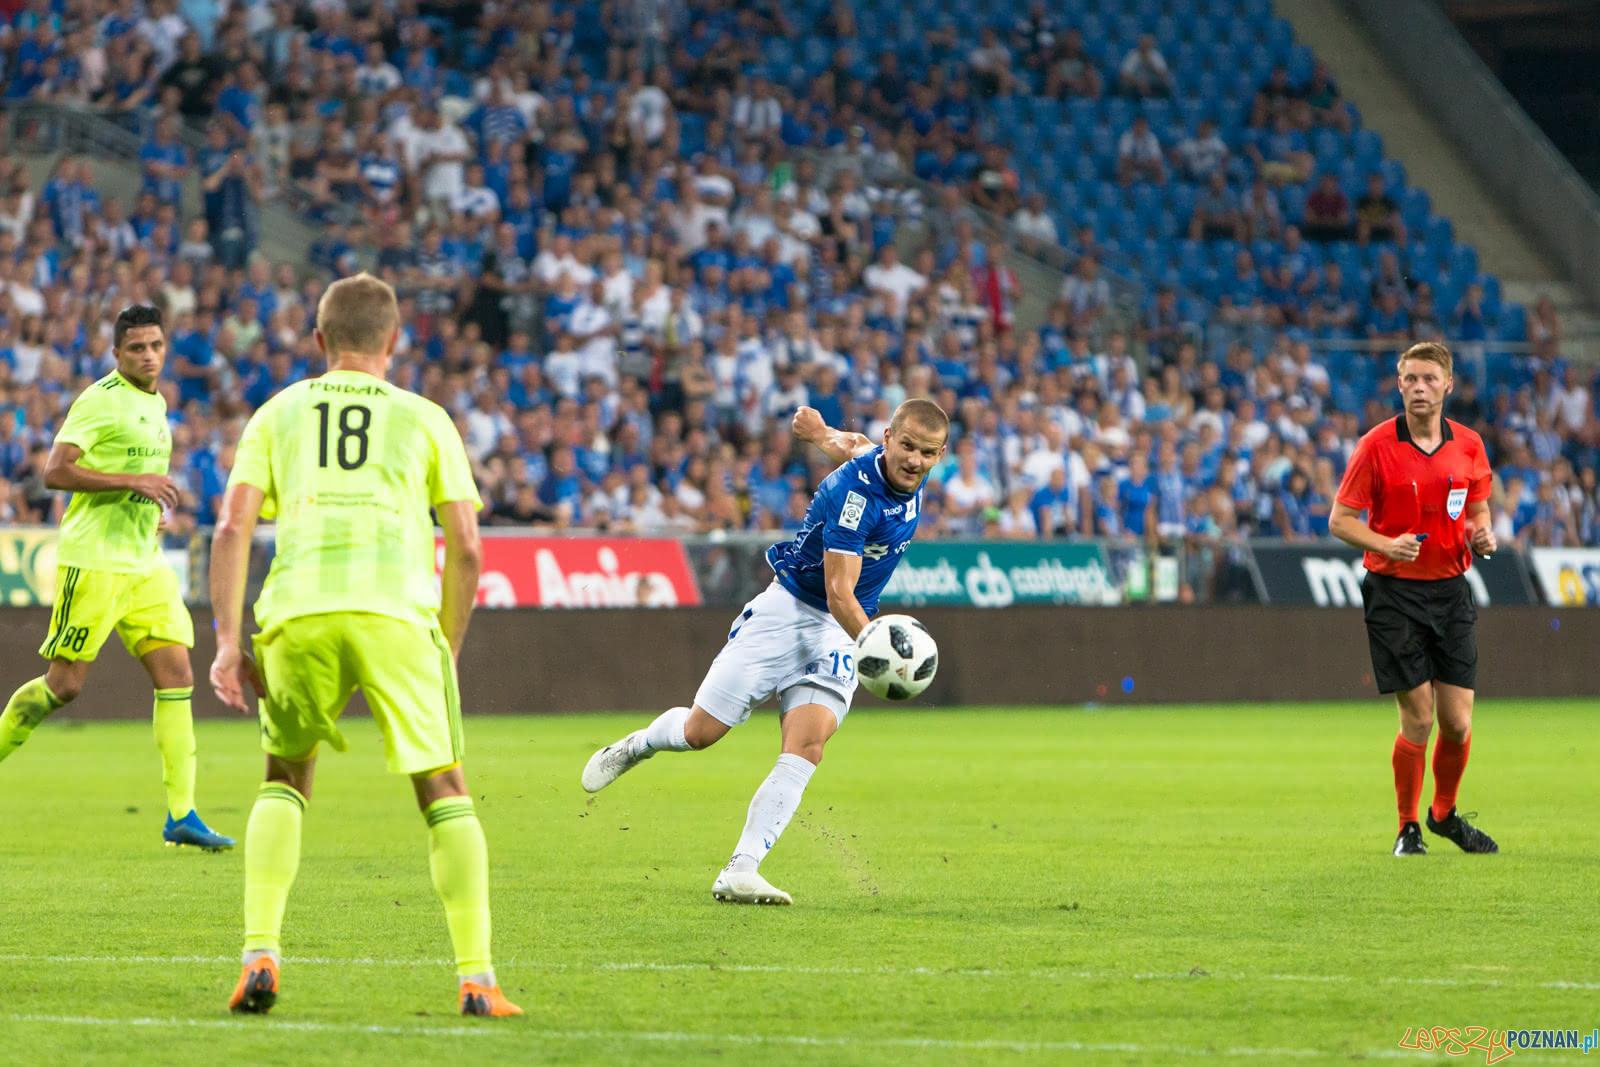 Lech Poznań - FC Shakhtyor Soligorsk (Tomasz Cywka)  Foto: lepszyPOZNAN.pl/Piotr Rychter